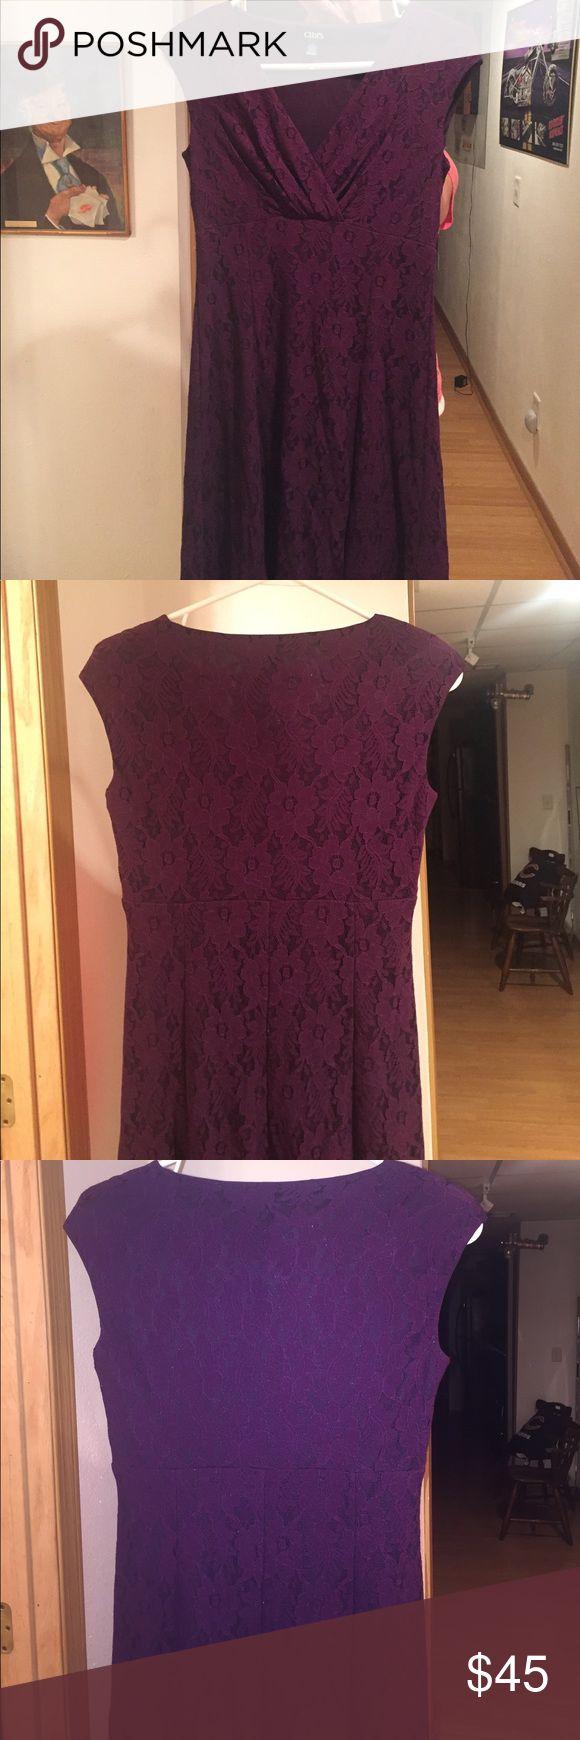 Plum lace dress Plum lace dress size 4 by chaps Chaps Dresses